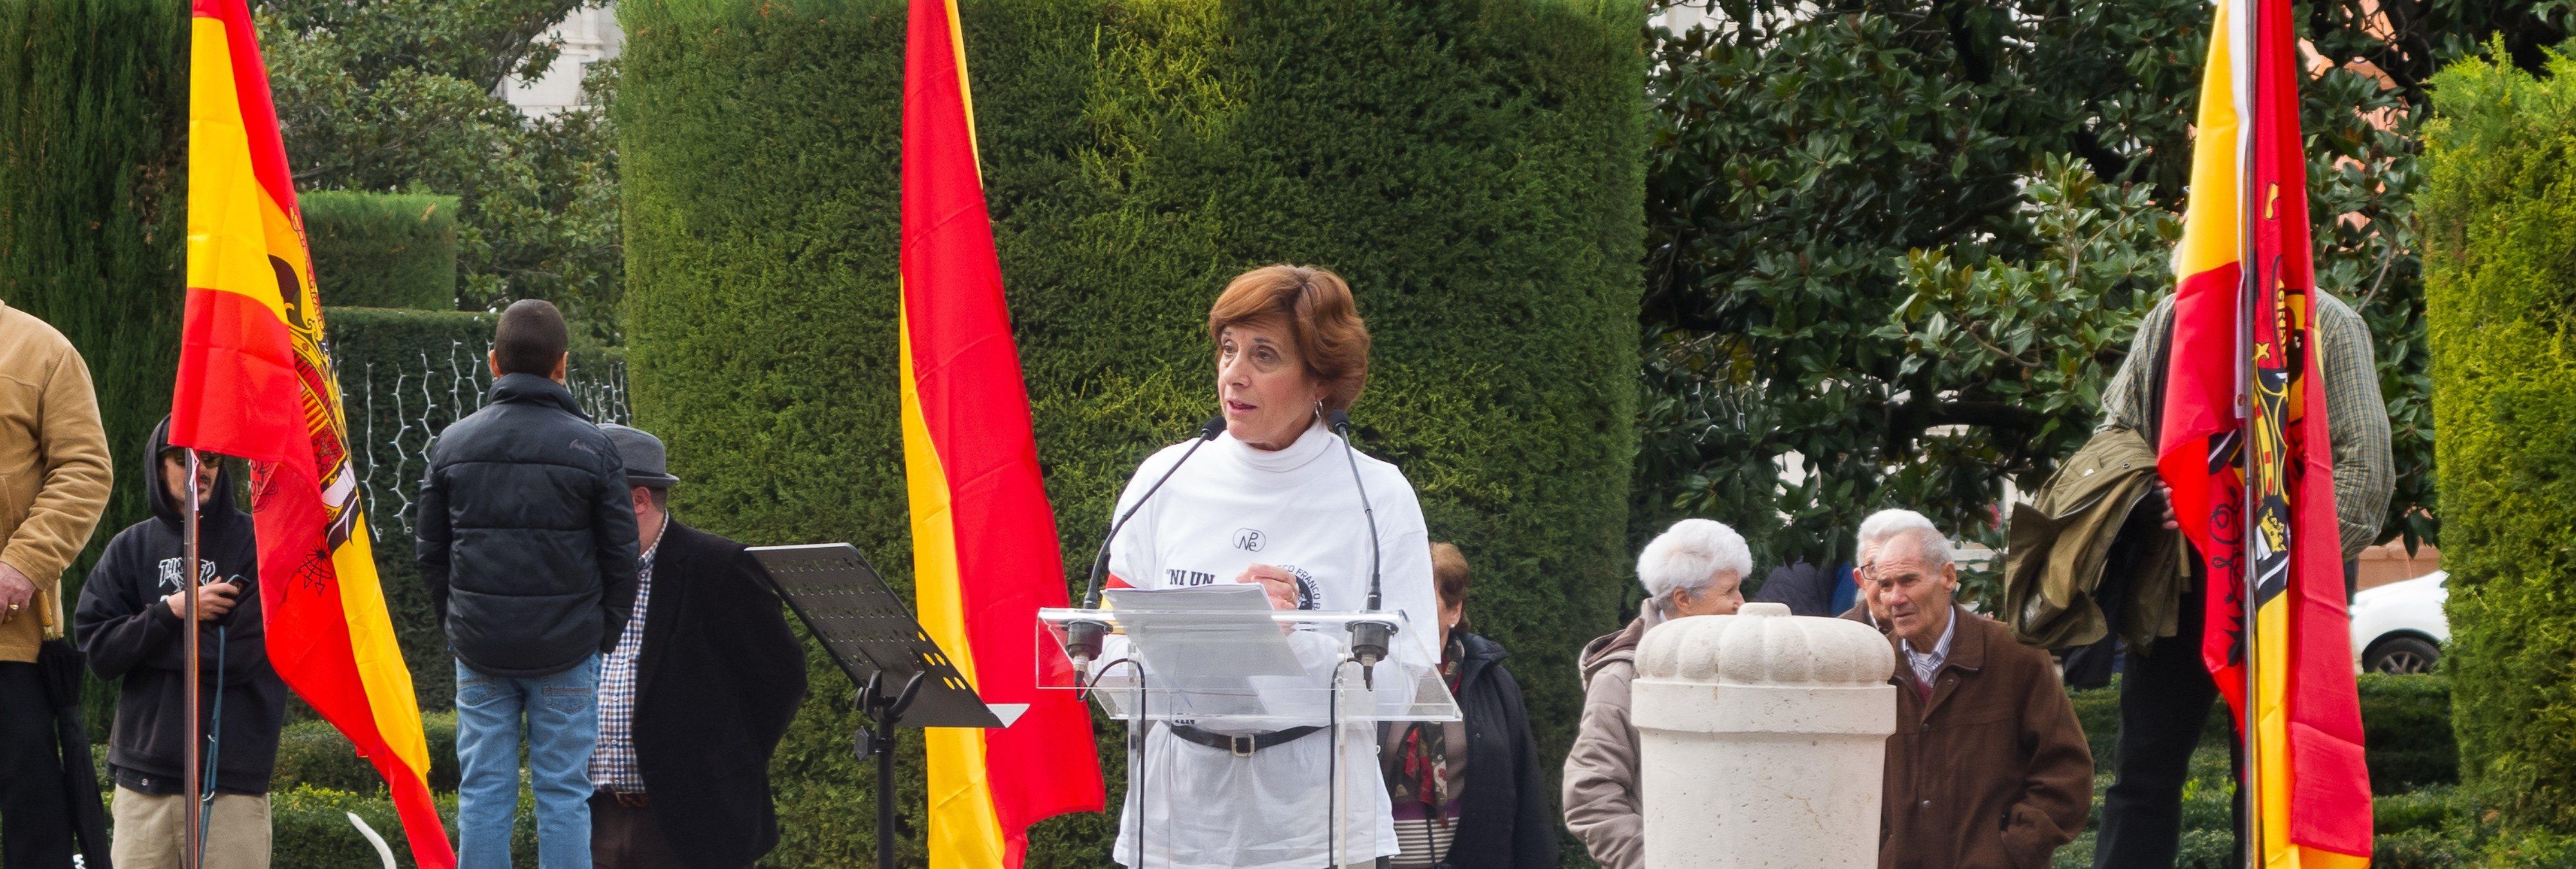 """Inician una campaña para que hagan santo a Franco, al que le atribuyen """"milagros"""""""